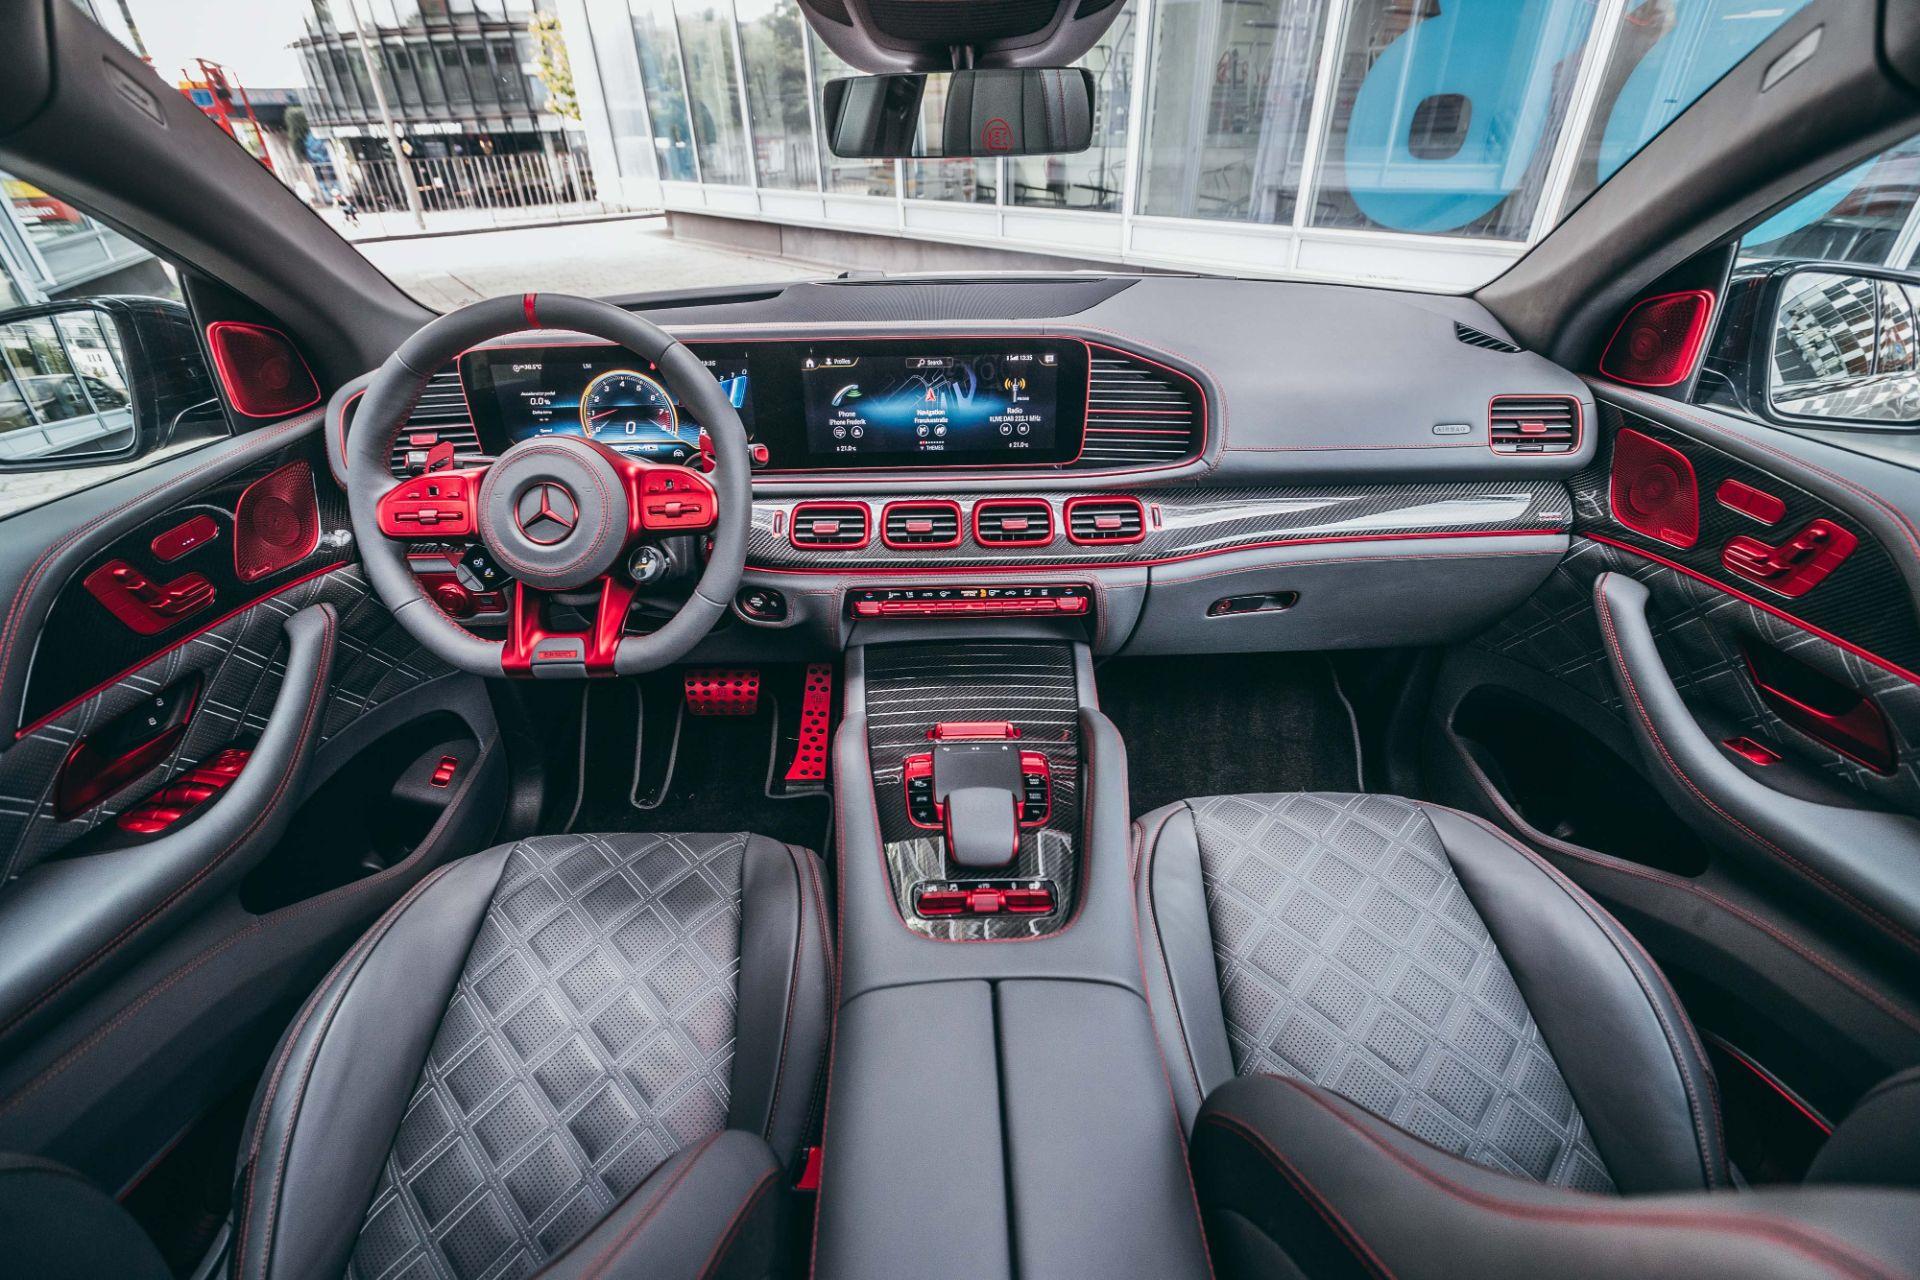 Brabus 900 oparty na Mercedesie GLE Coupe to najszybszy SUV świata